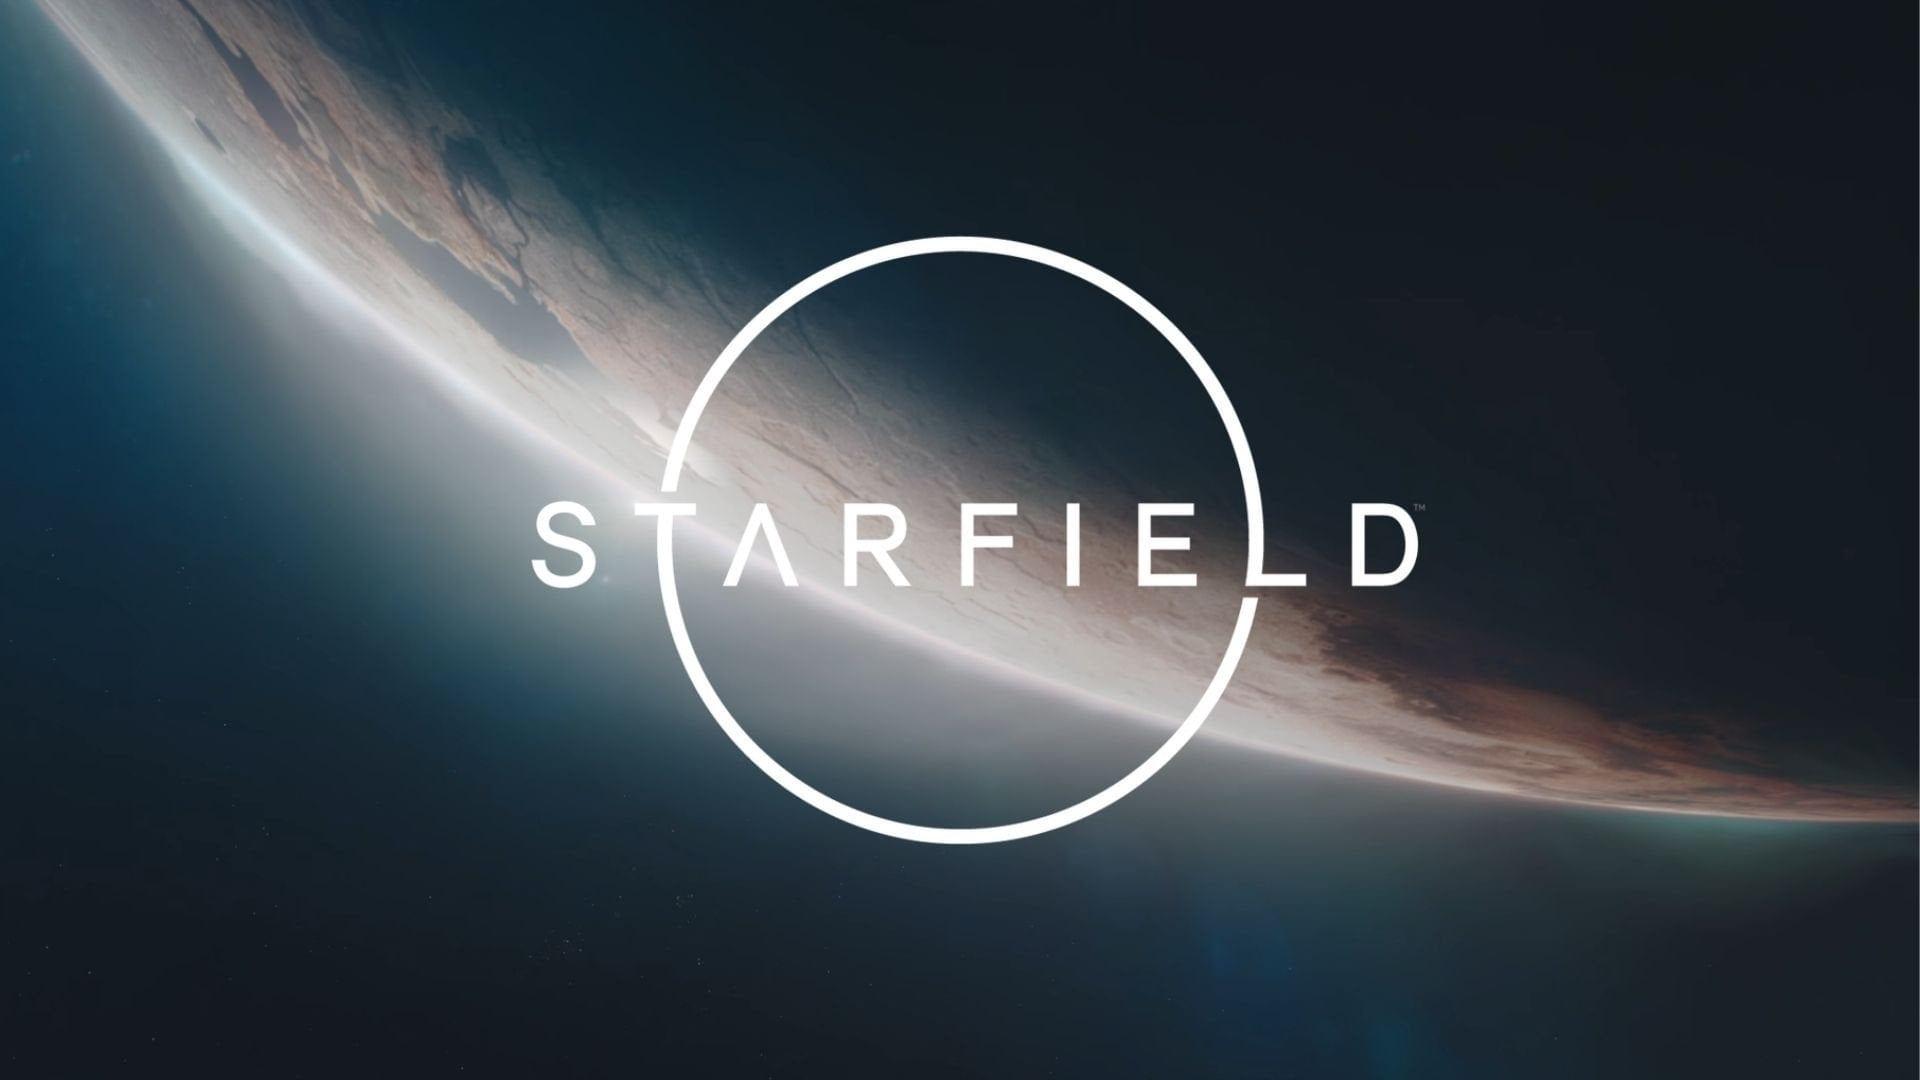 Starfield sortie en 2021 ? Une exclusivité Xbox ?